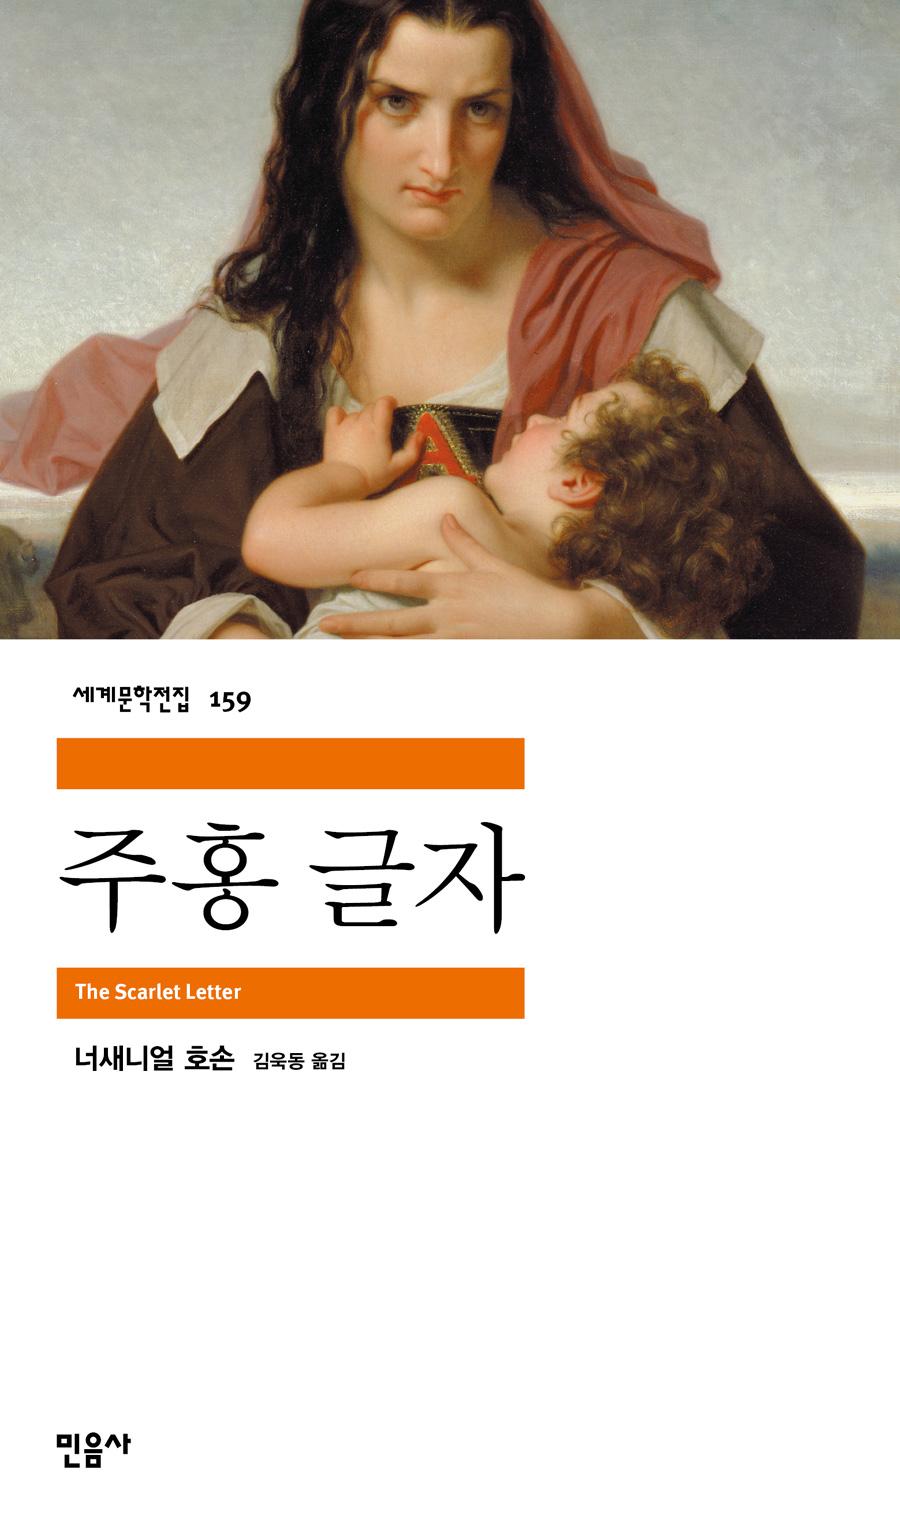 [고전읽기-010] 주홍 글자(너새니얼 호손) 민음사 세계문학 159